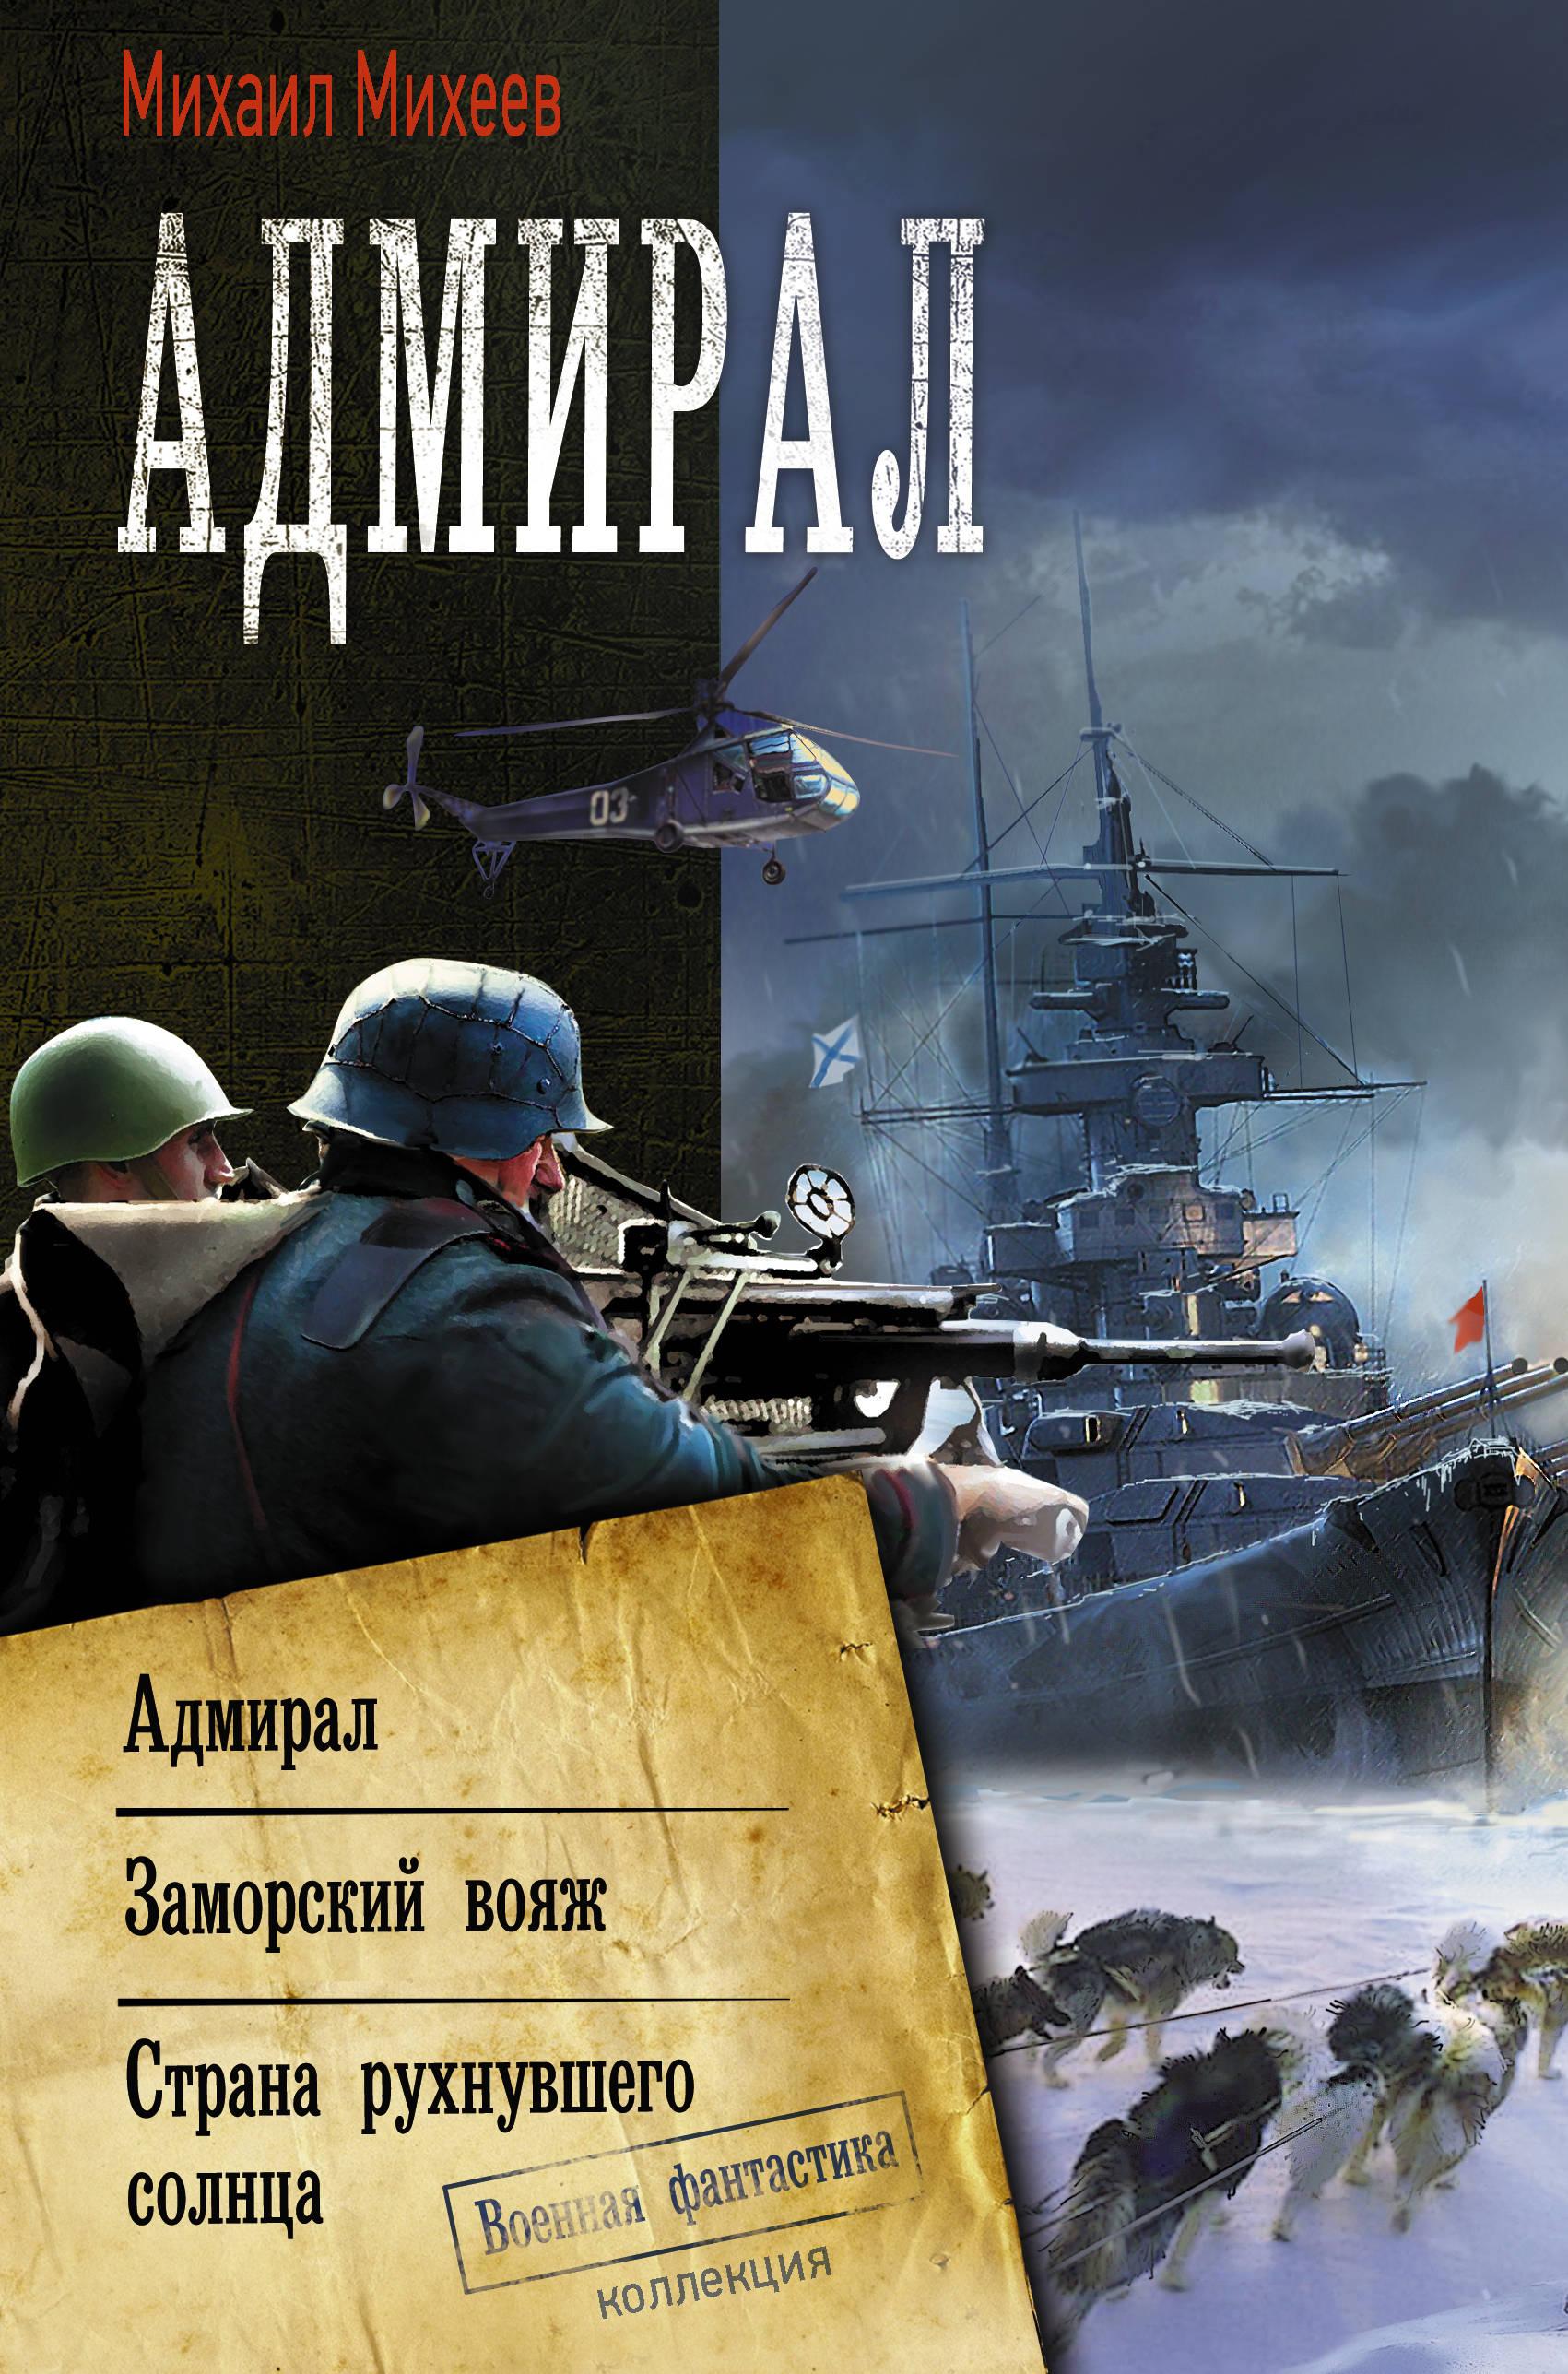 Михеев Михаил Александрович Адмирал мари грей истории которые заставят тебя покраснеть лучше один раз попробовать аудиокнига mp3